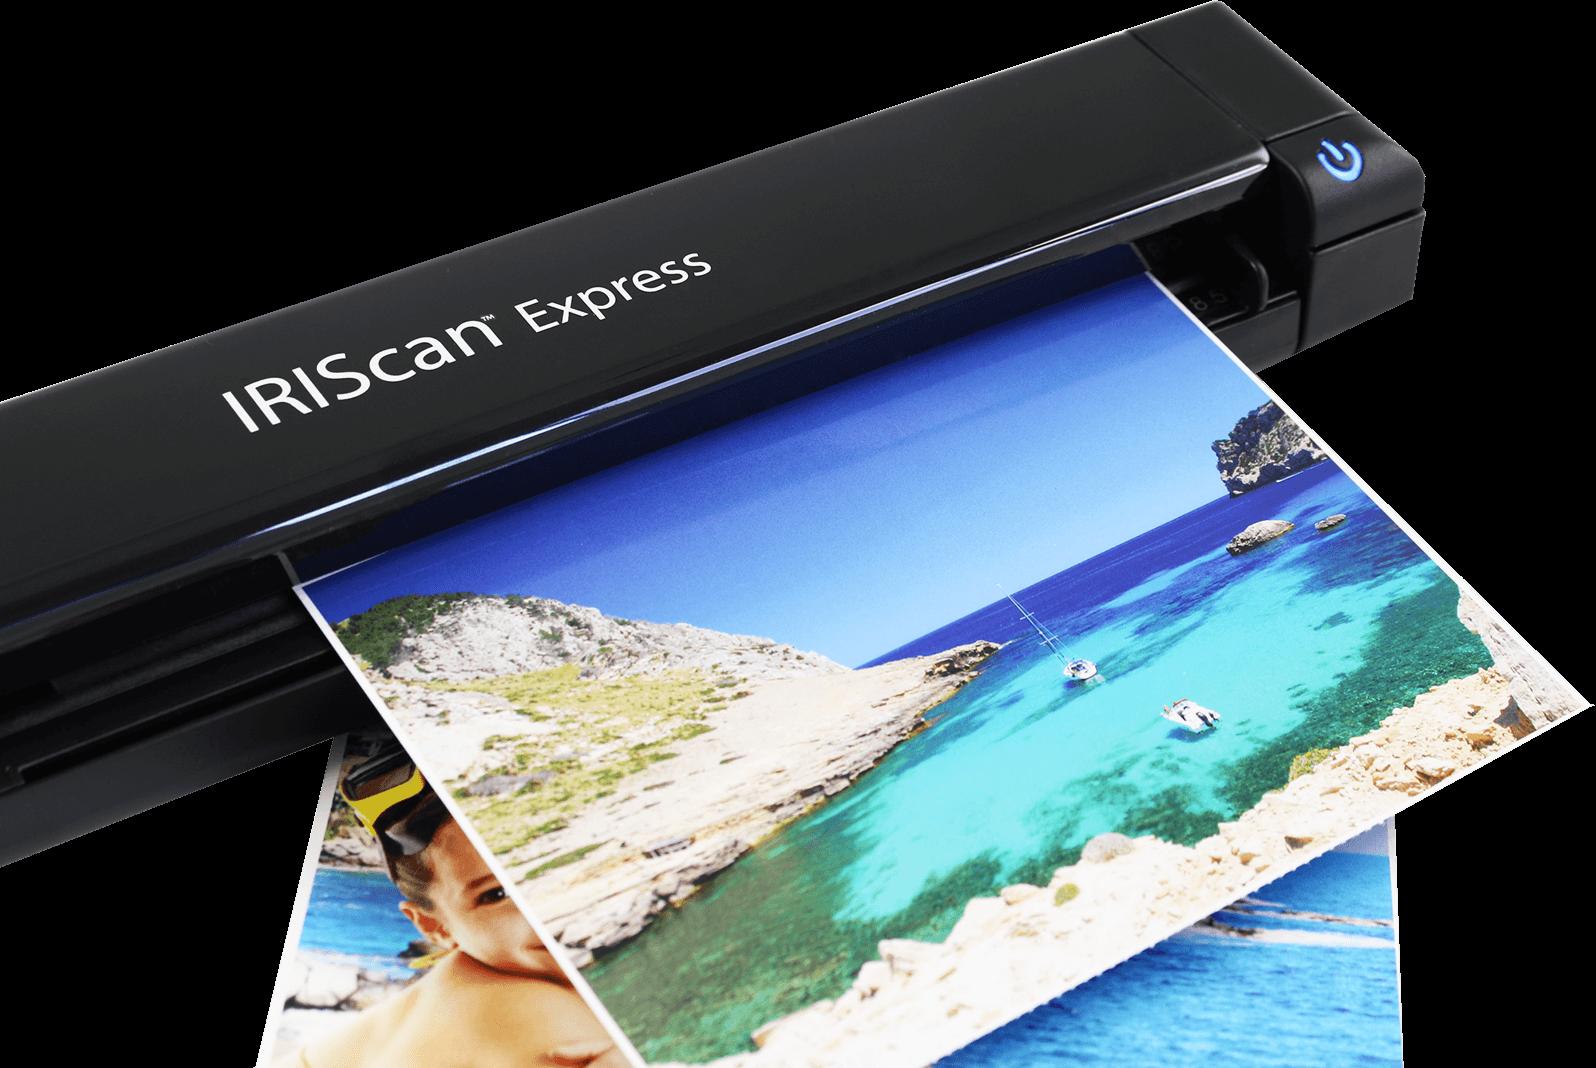 IRIScan Express 4 - Uw familiefoto's gaan nooit meer verloren